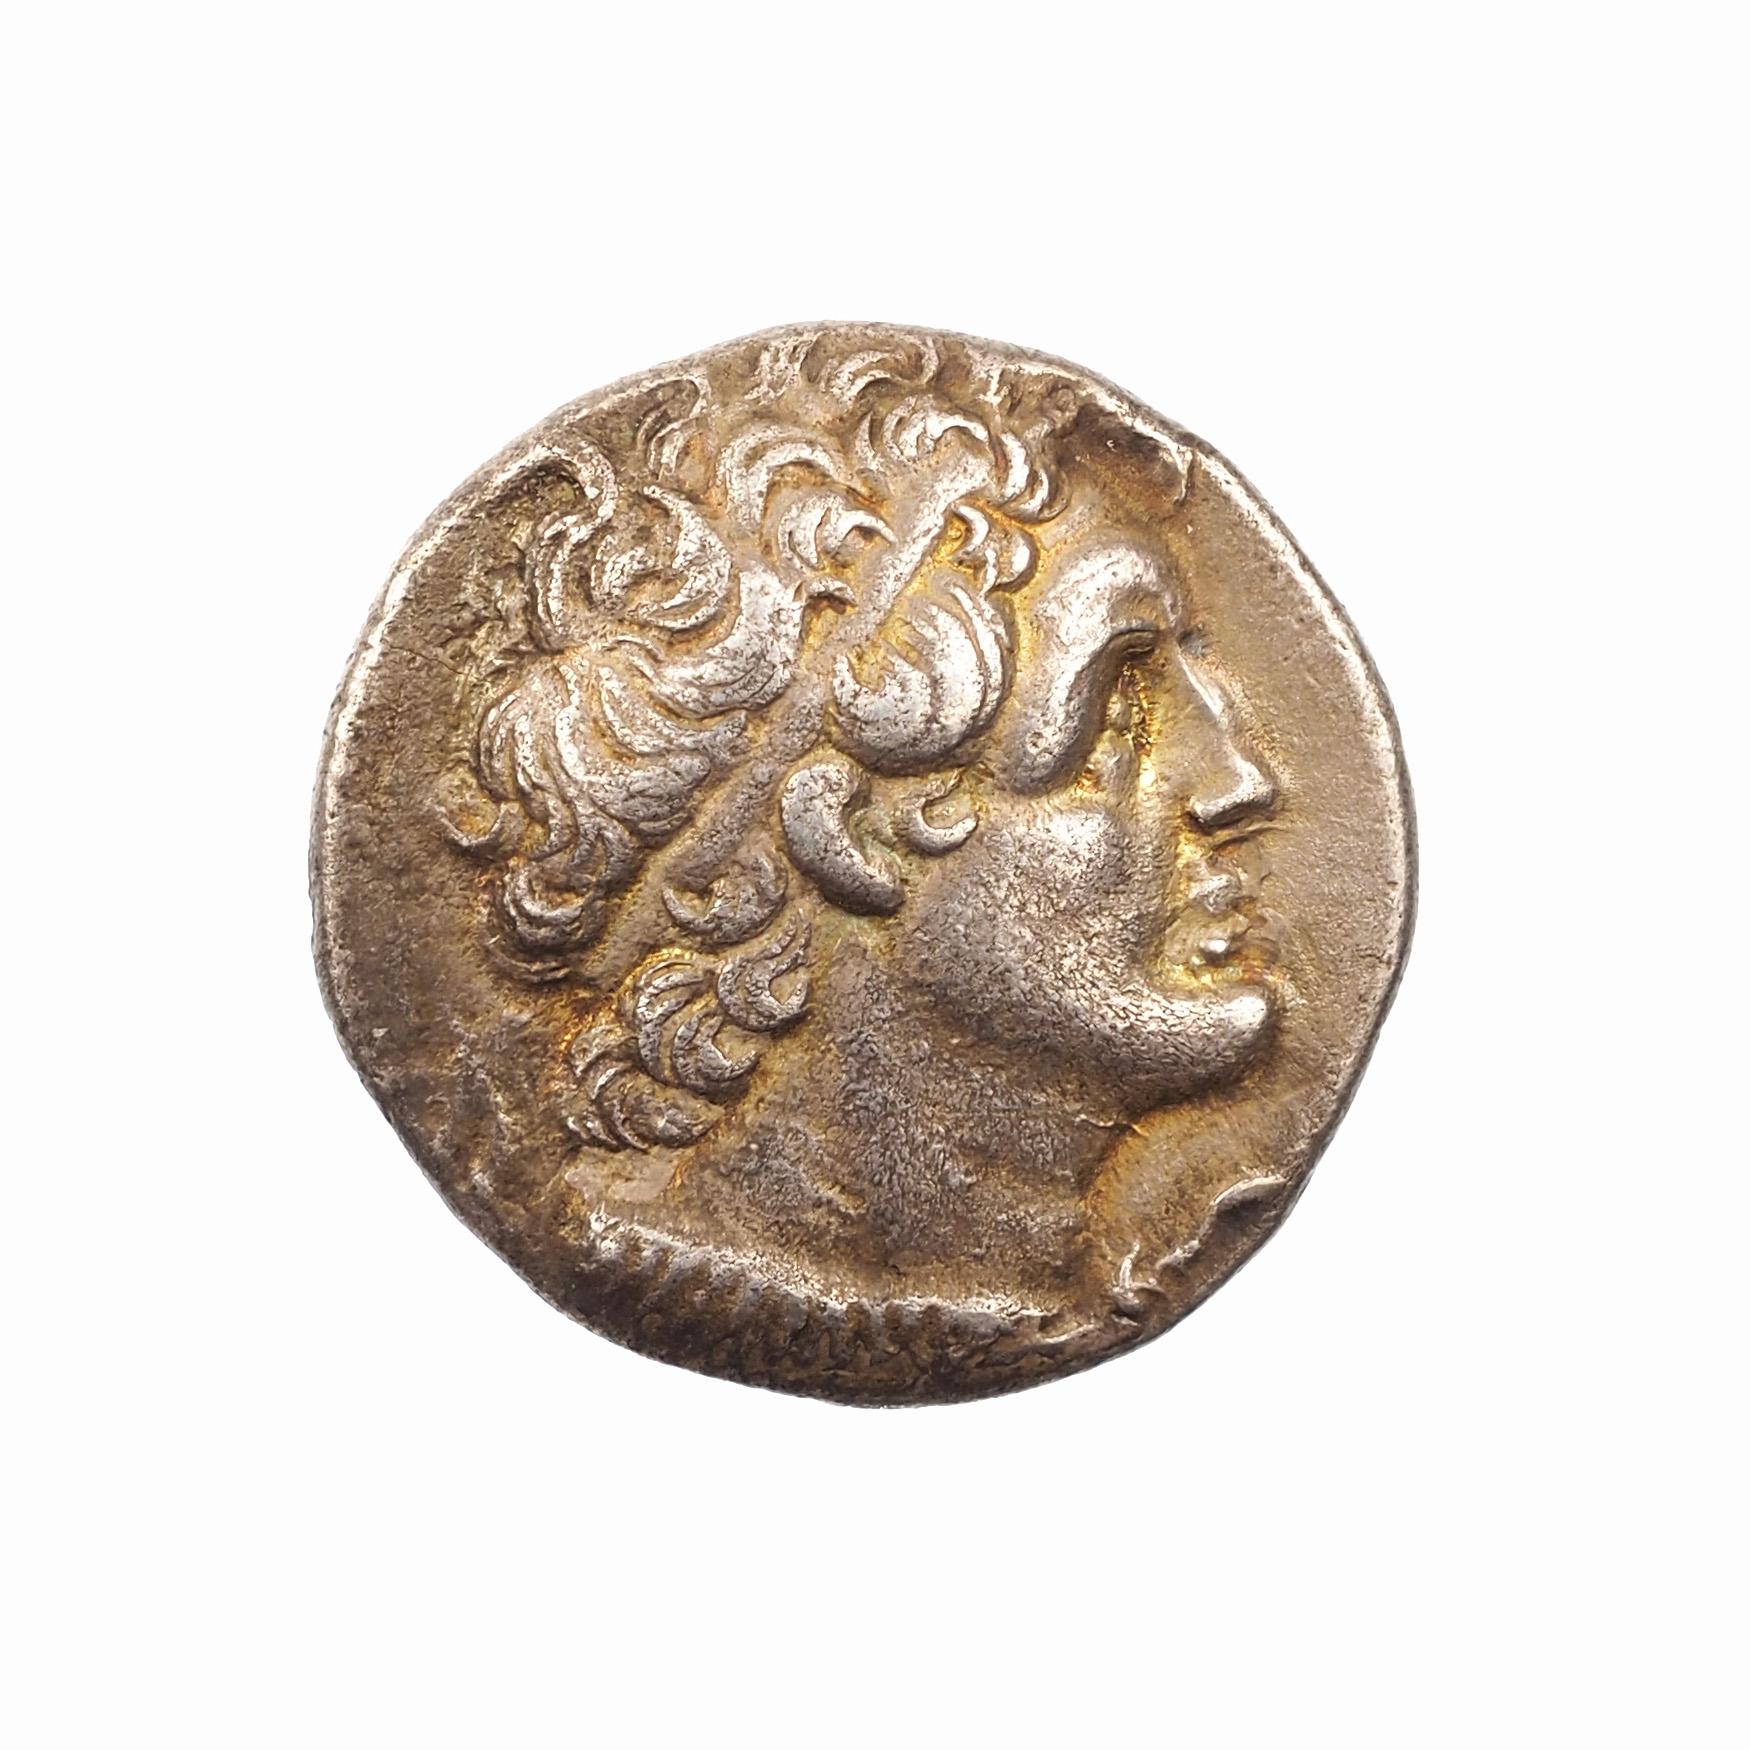 Ptolémée VI Philométor, Tétradrachme, Alexandrie, 180-145 BC, SNG Cop 264